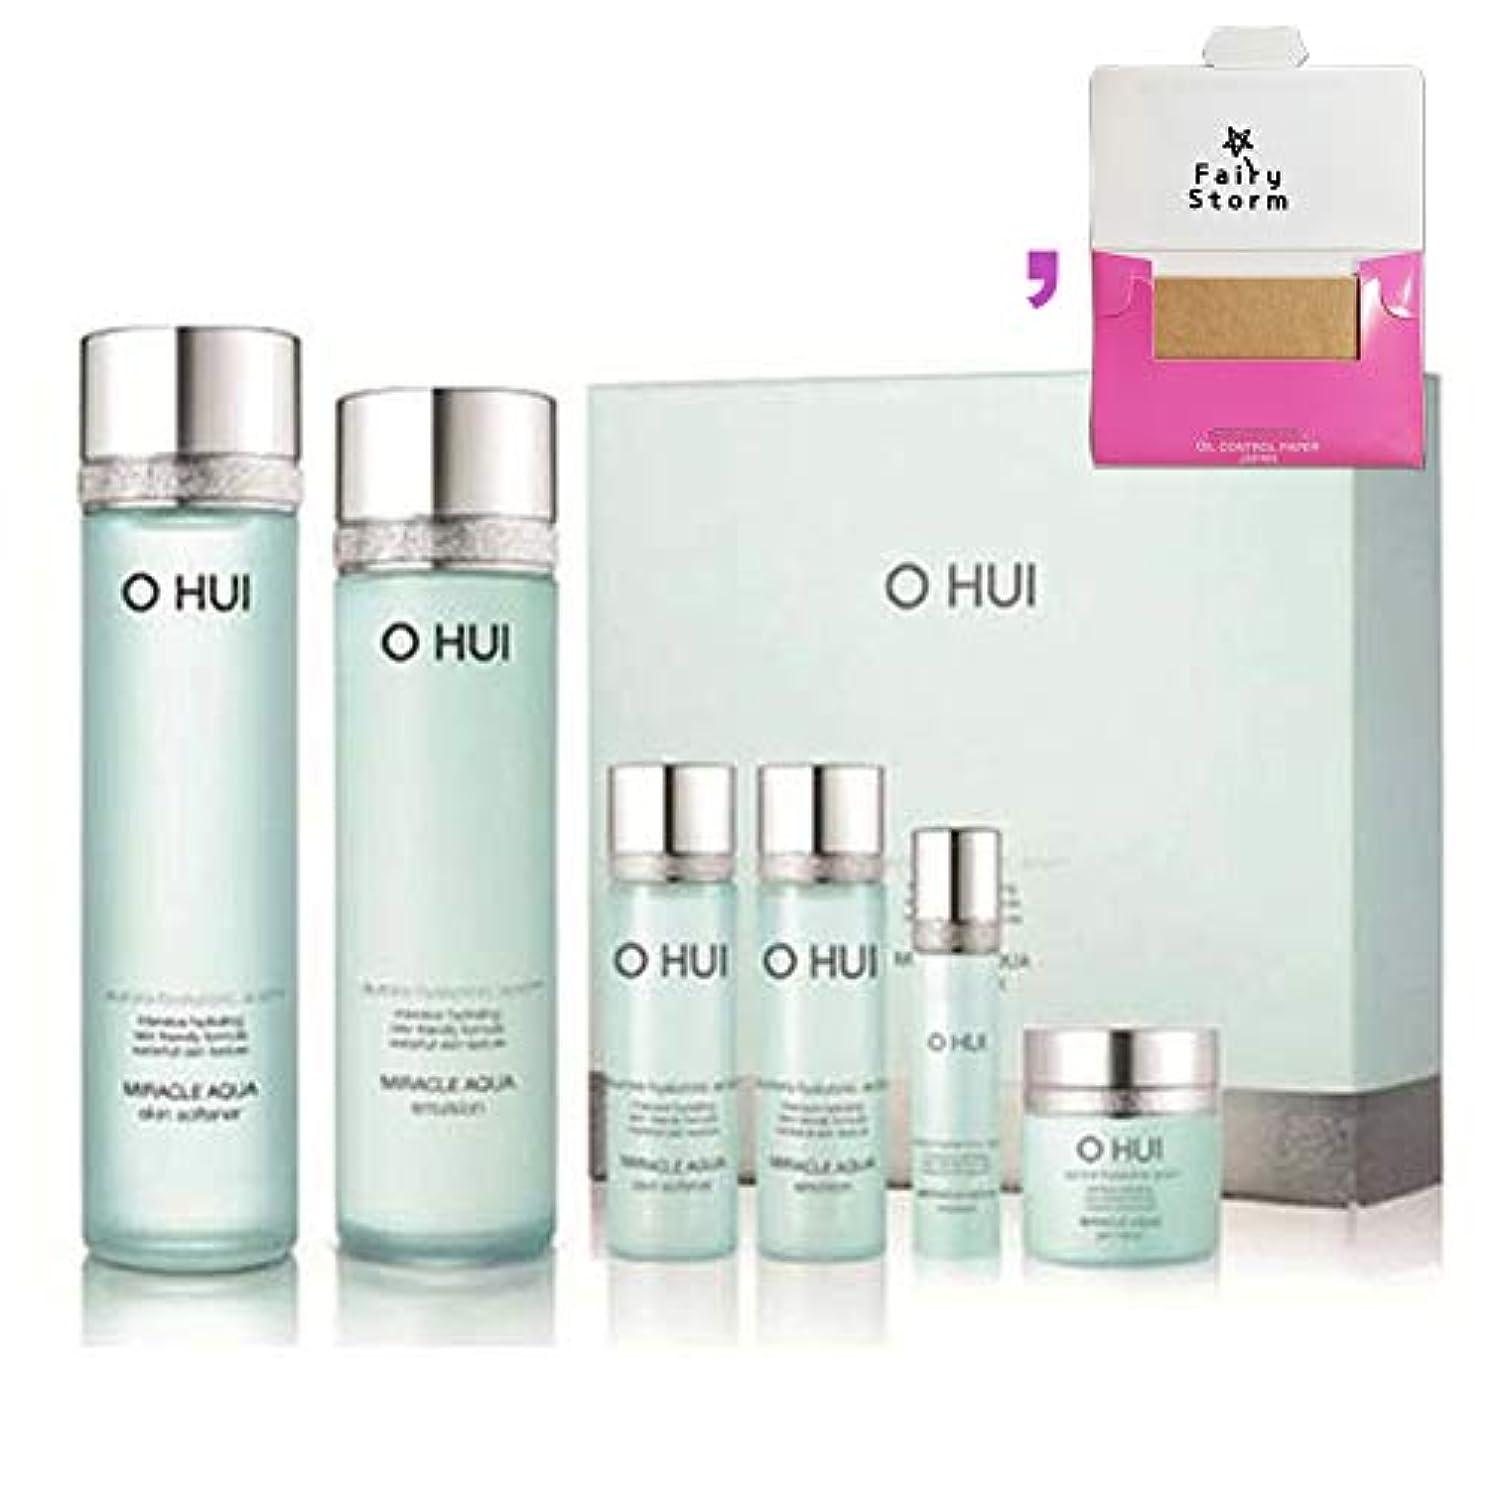 病んでいる含意傾向[オフィ/O HUI]韓国化粧品LG生活健康/O HUI MIRACLE AQUA SPECIAL 2EA SET/ミラクルアクア 2種セット+[Sample Gift](海外直送品)